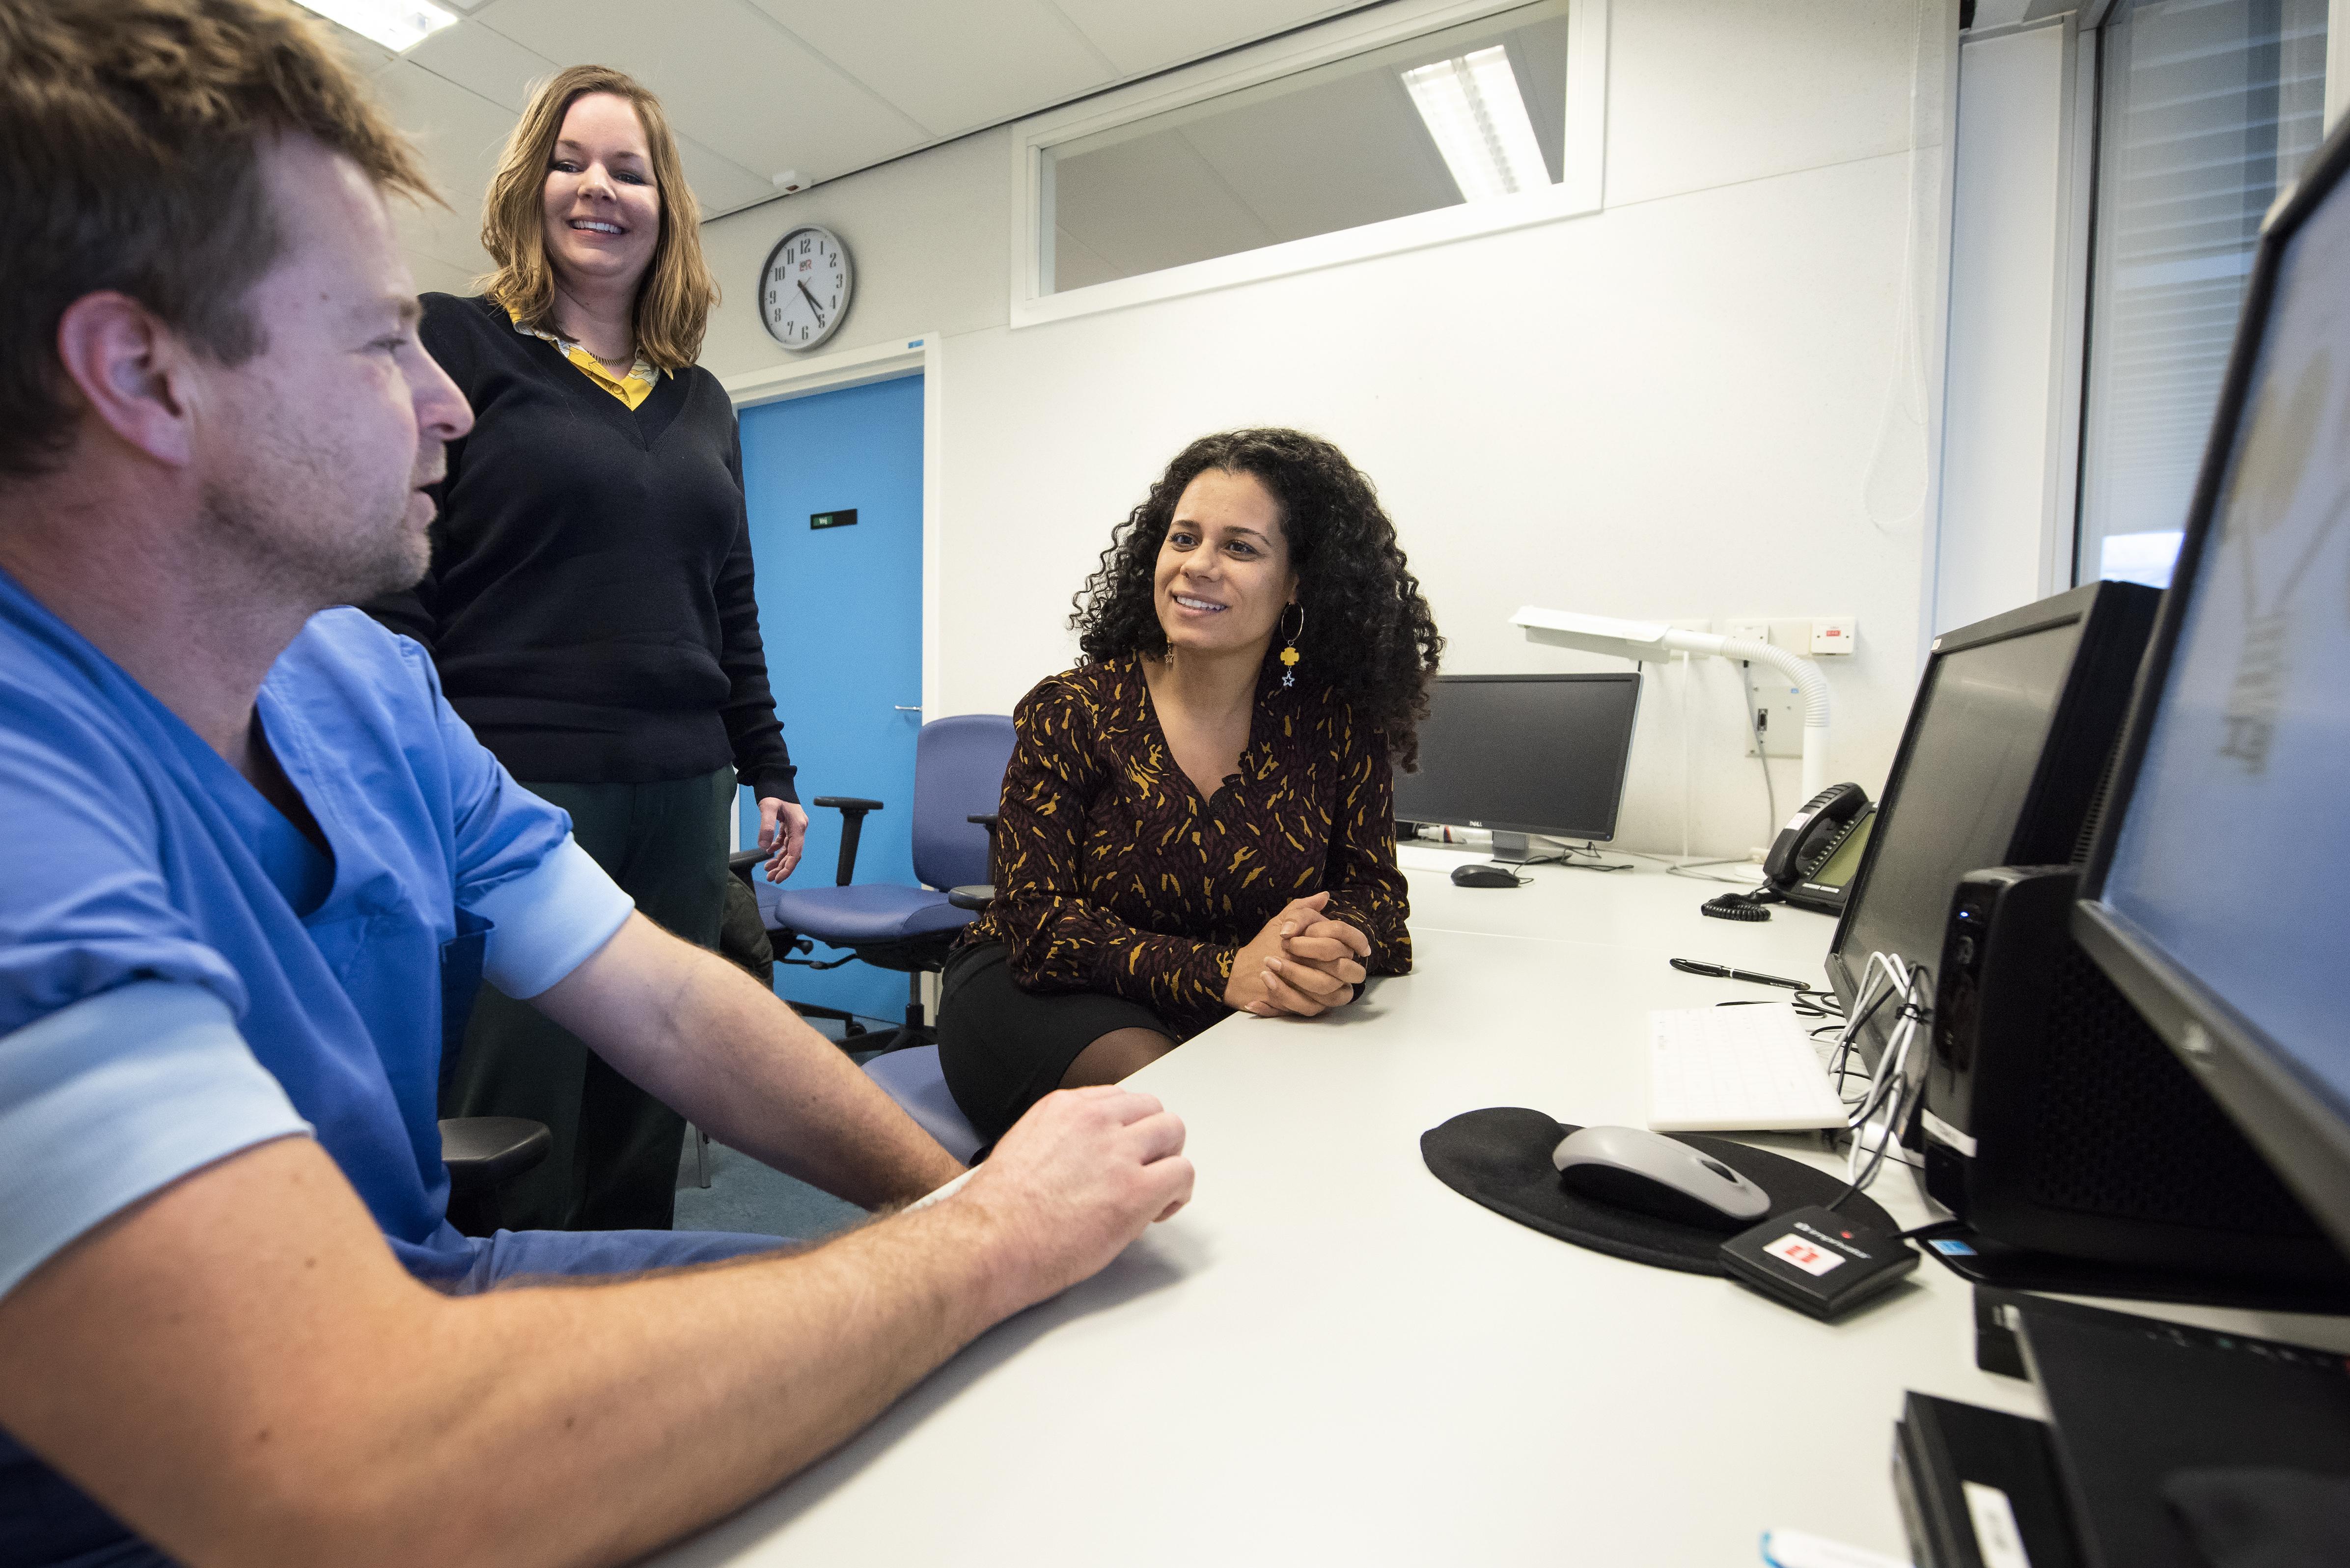 De kost gaat voor de baat uit in e-health van het Rode Kruis Ziekenhuis in Beverwijk